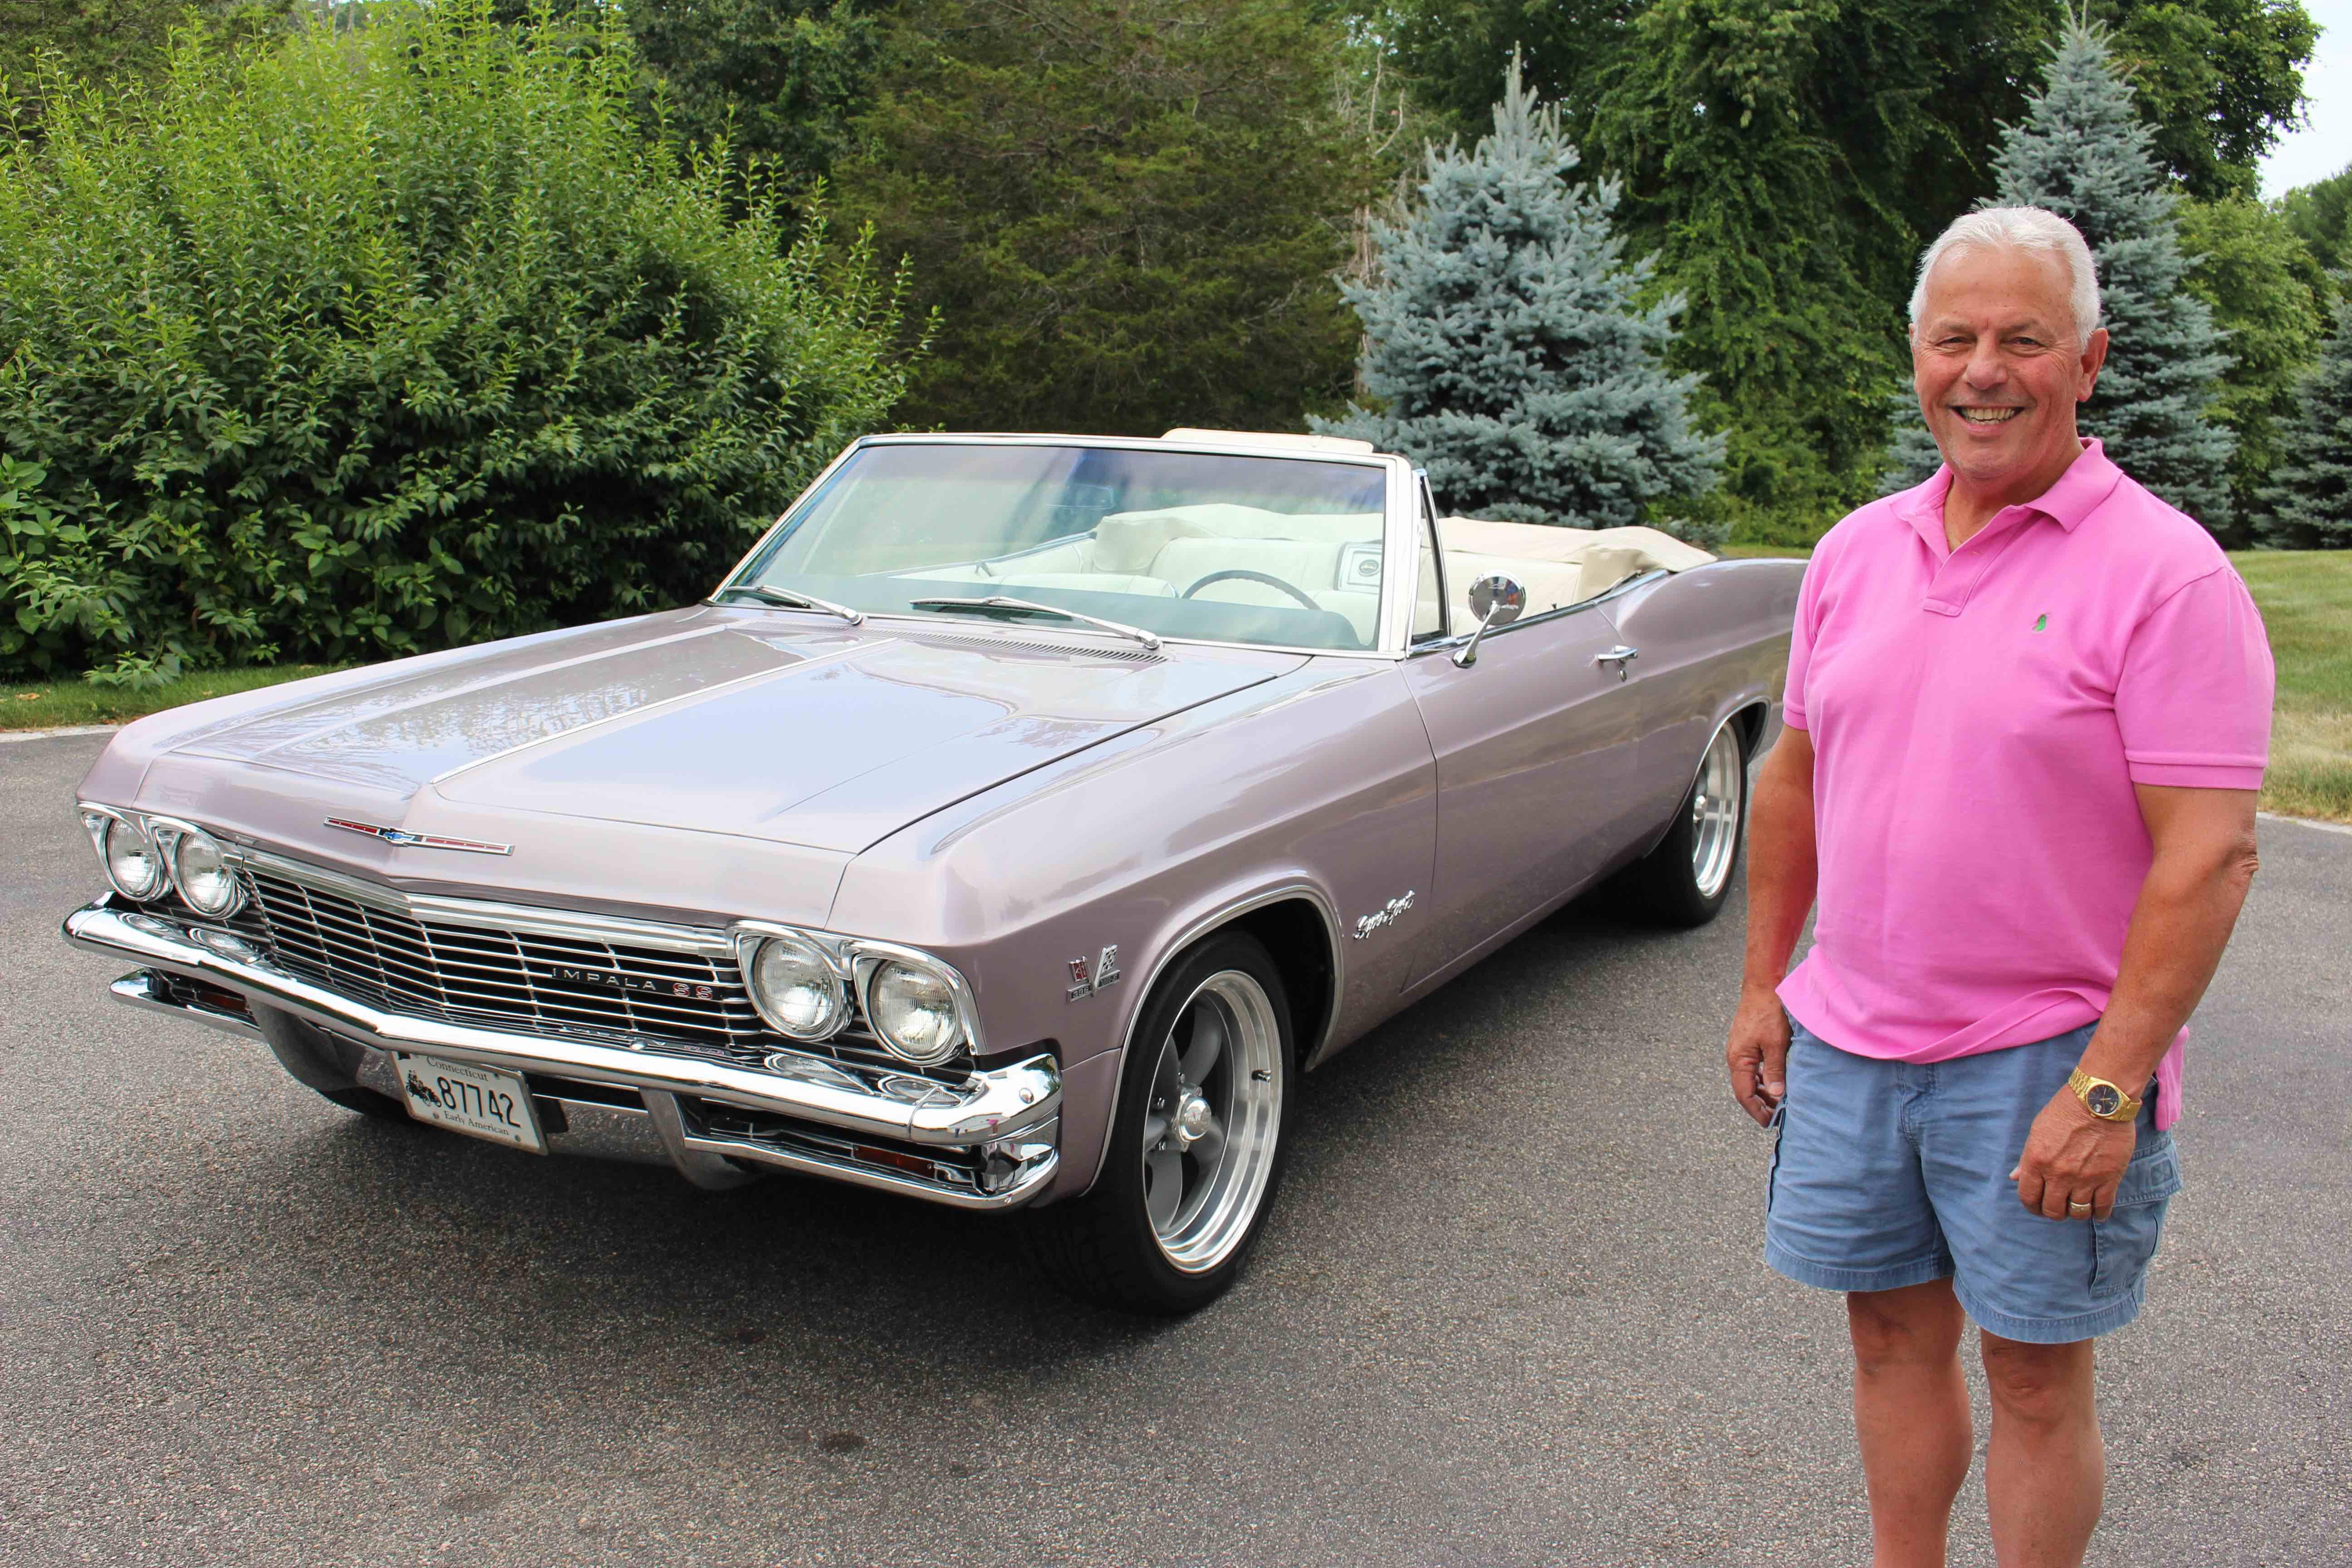 Kelebihan Impala 65 Top Model Tahun Ini